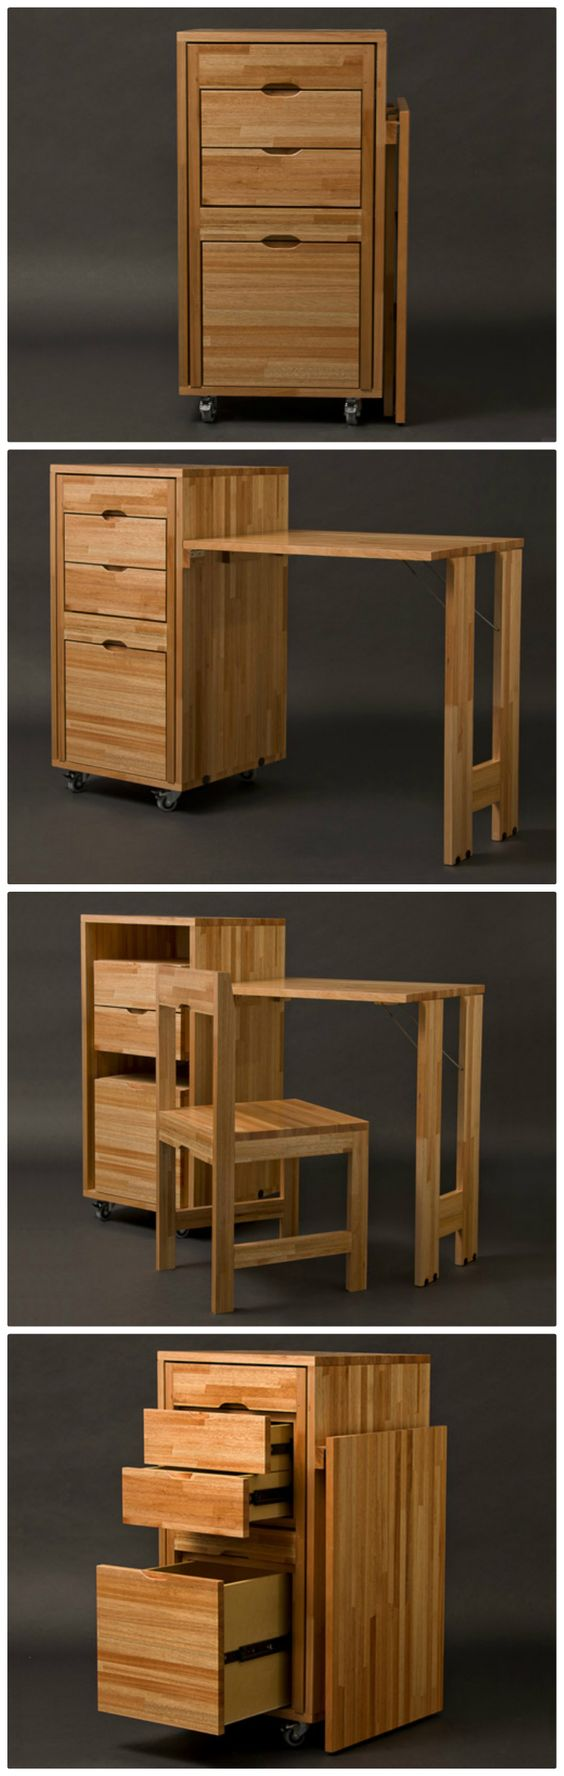 Estupendos y funcionales dise os de muebles para espacios - Muebles practicos para espacios pequenos ...